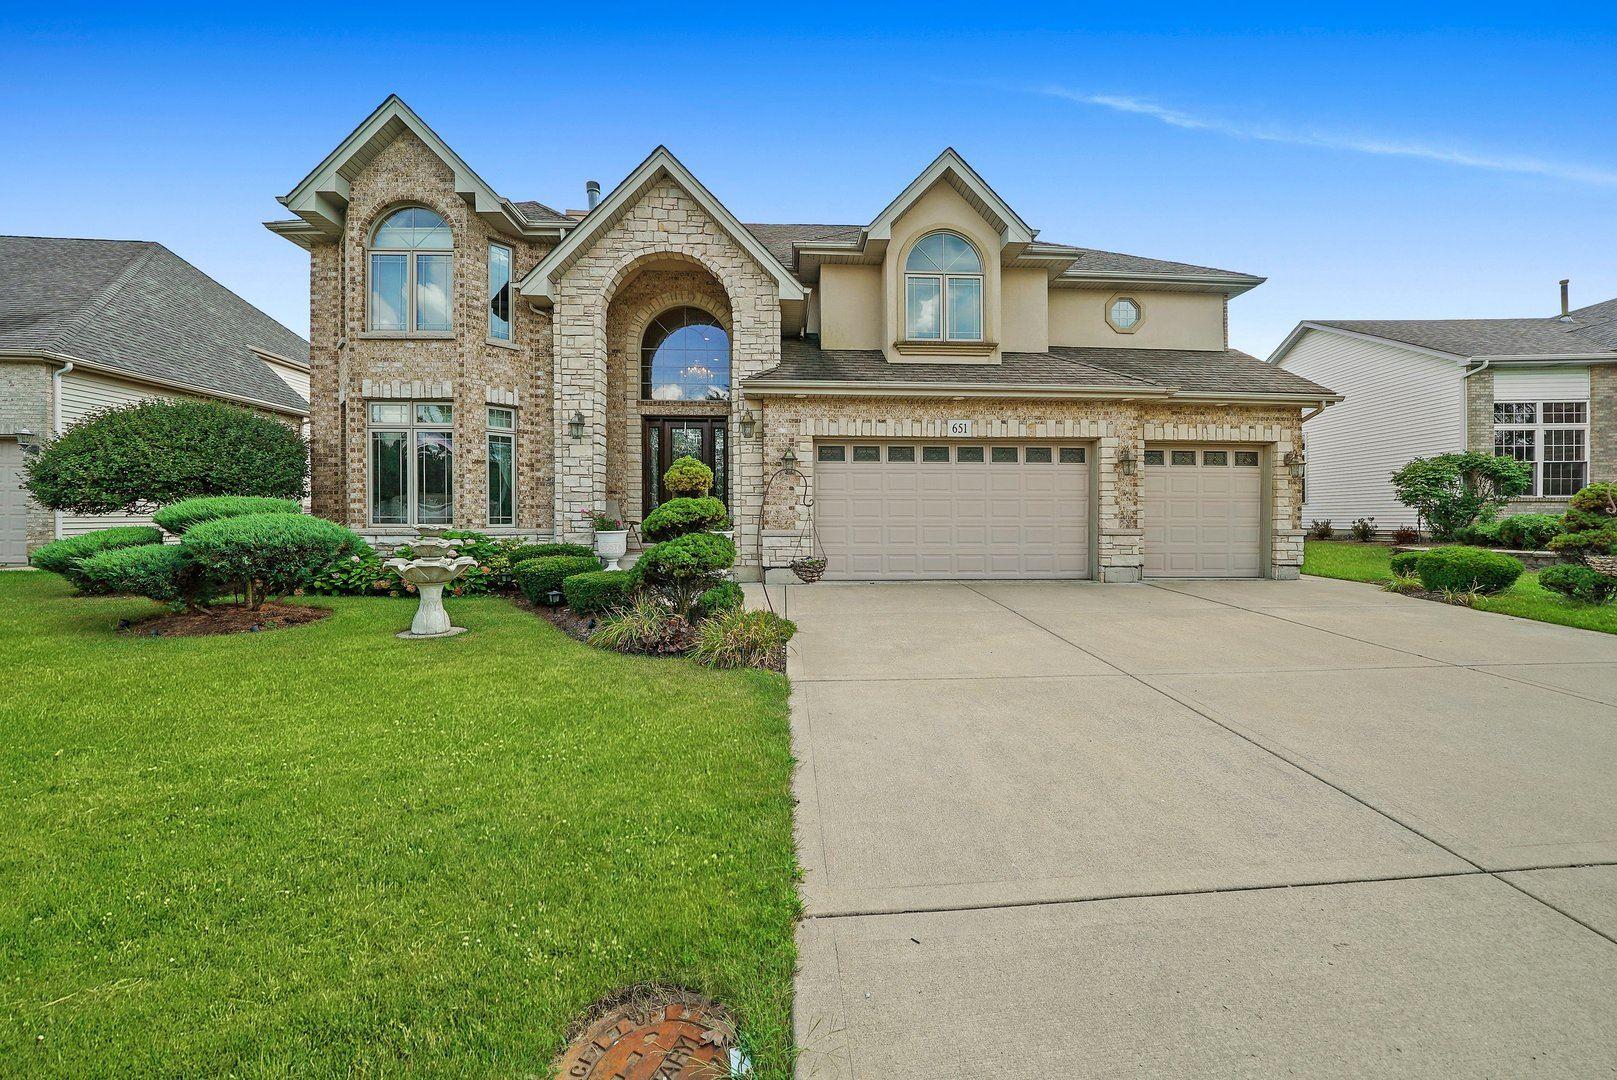 651 Anne Lane, Bolingbrook, IL 60440 - #: 11205443